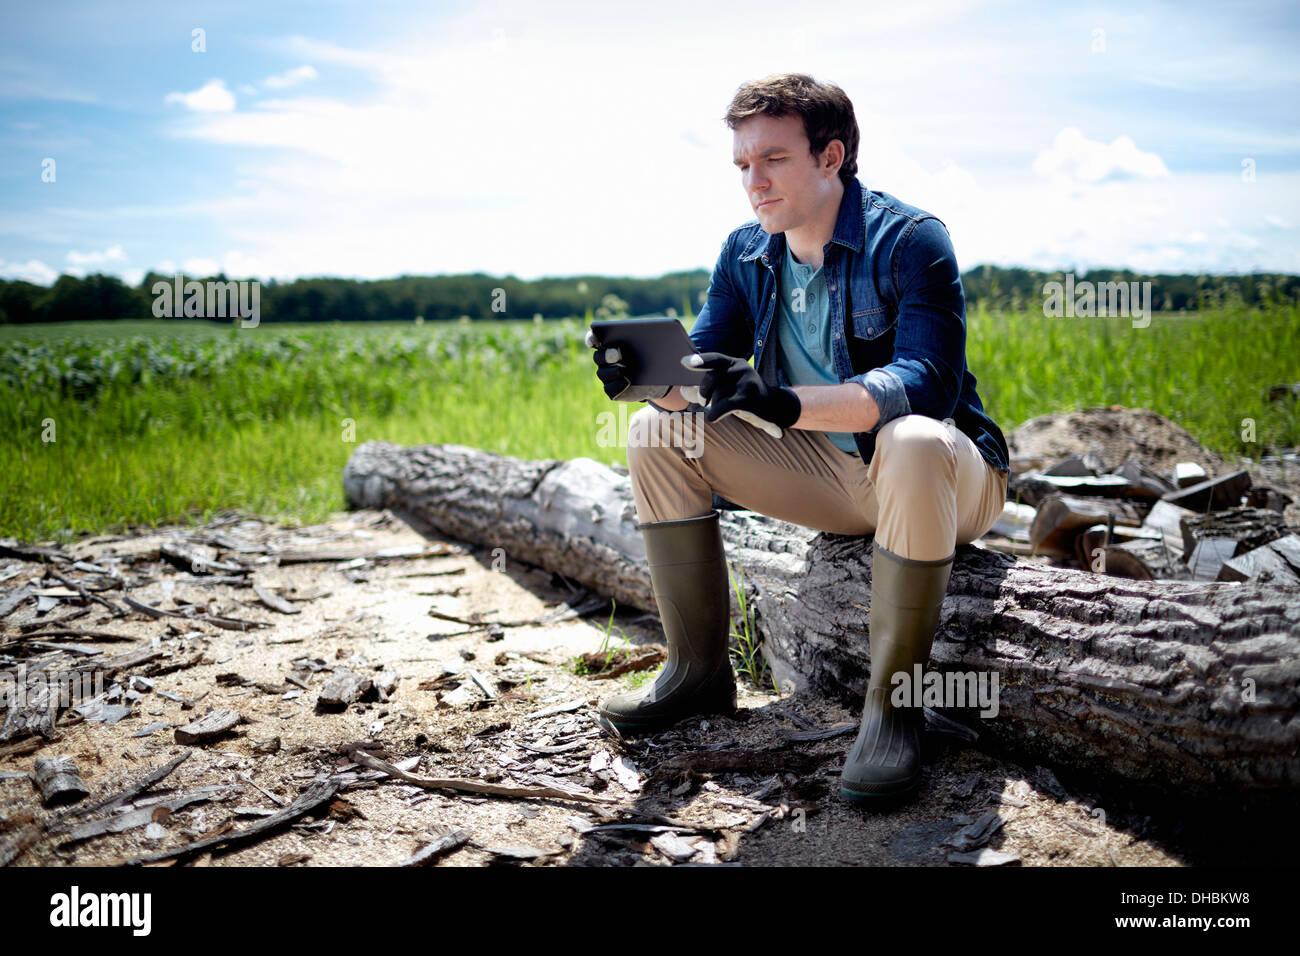 Un fermier assis à l'aide d'un ordinateur tablette en plein air dans un champ de cultures Photo Stock